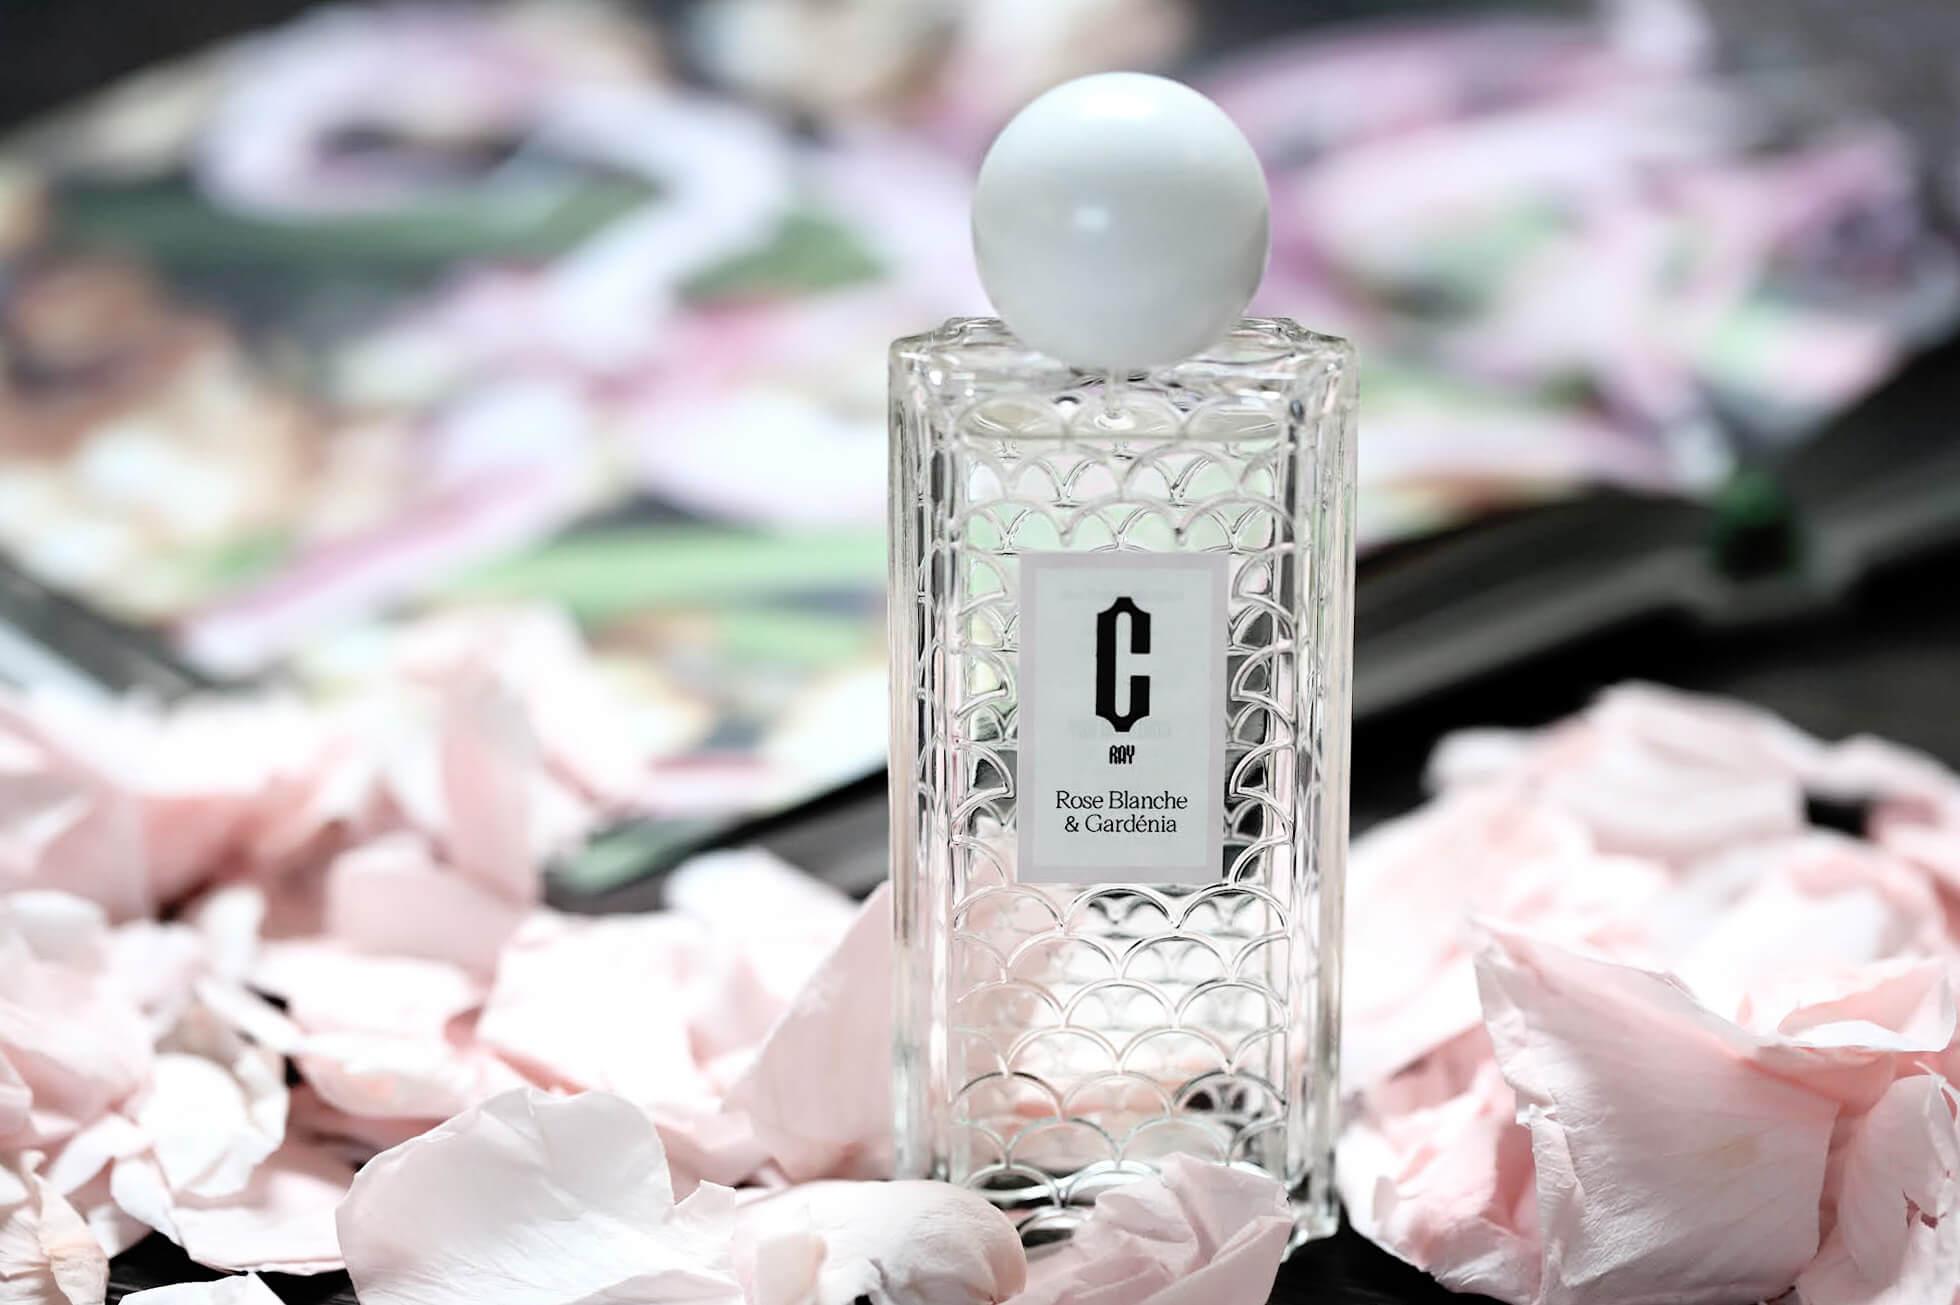 Carlotha Ray Rose Blanche Gardénia Parfum